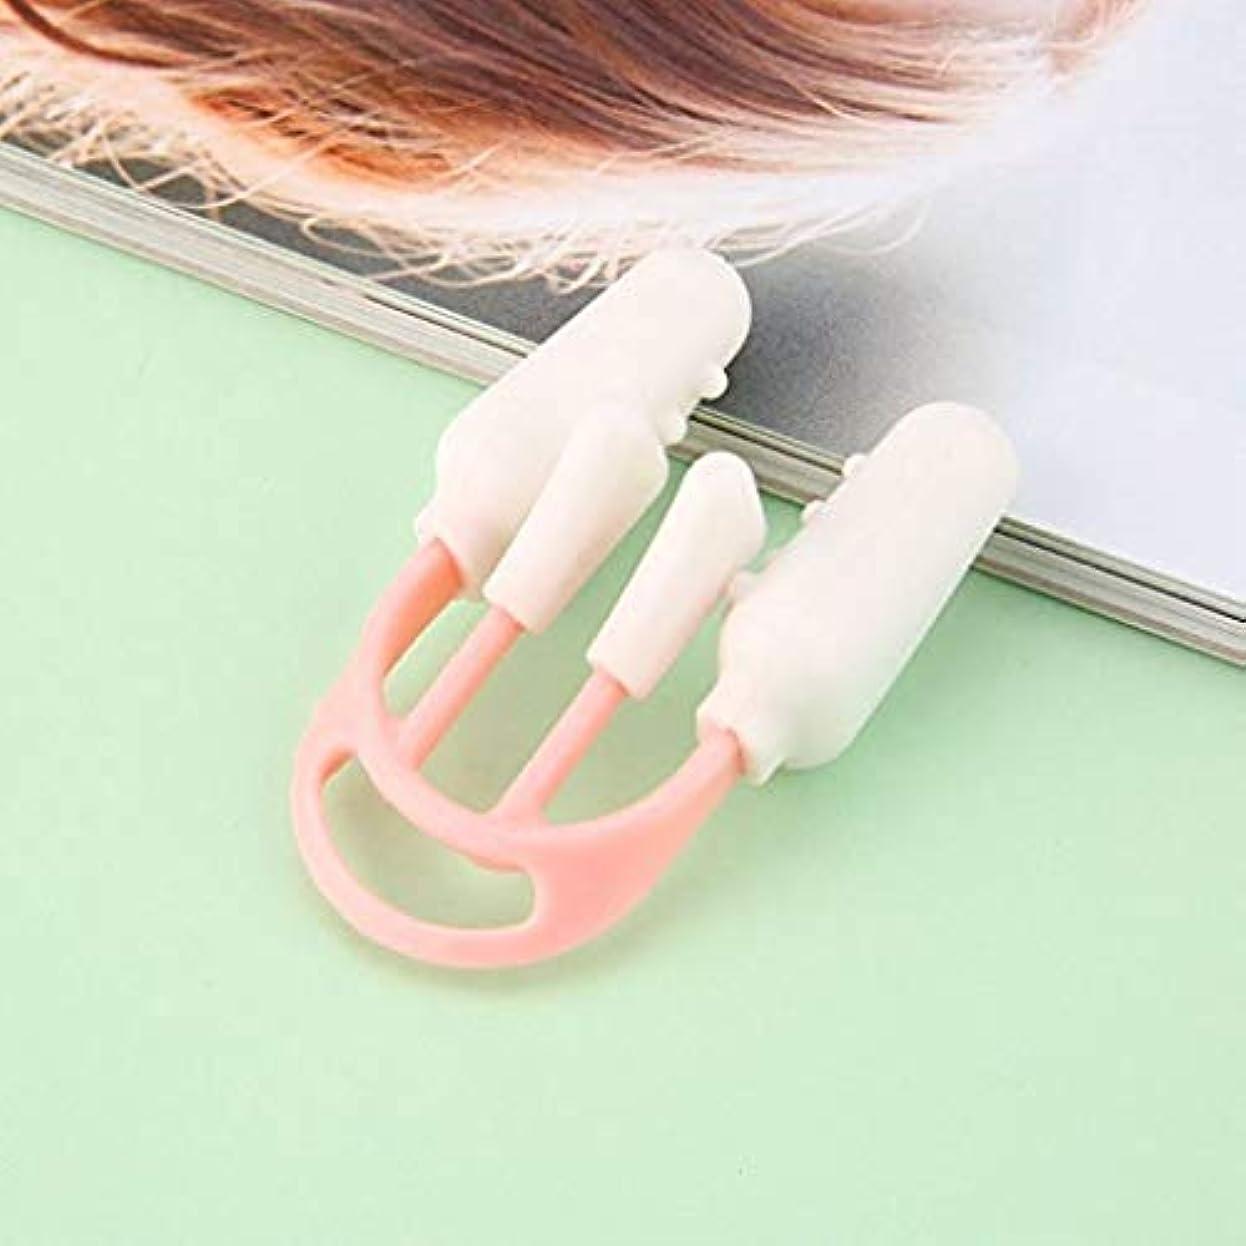 自分のためにタヒチ作業3D美容鼻整形デバイス、鼻クランプマッサージ鼻デバイス、鼻クリップビーム鼻形成術美容ツール、鼻高化デバイス